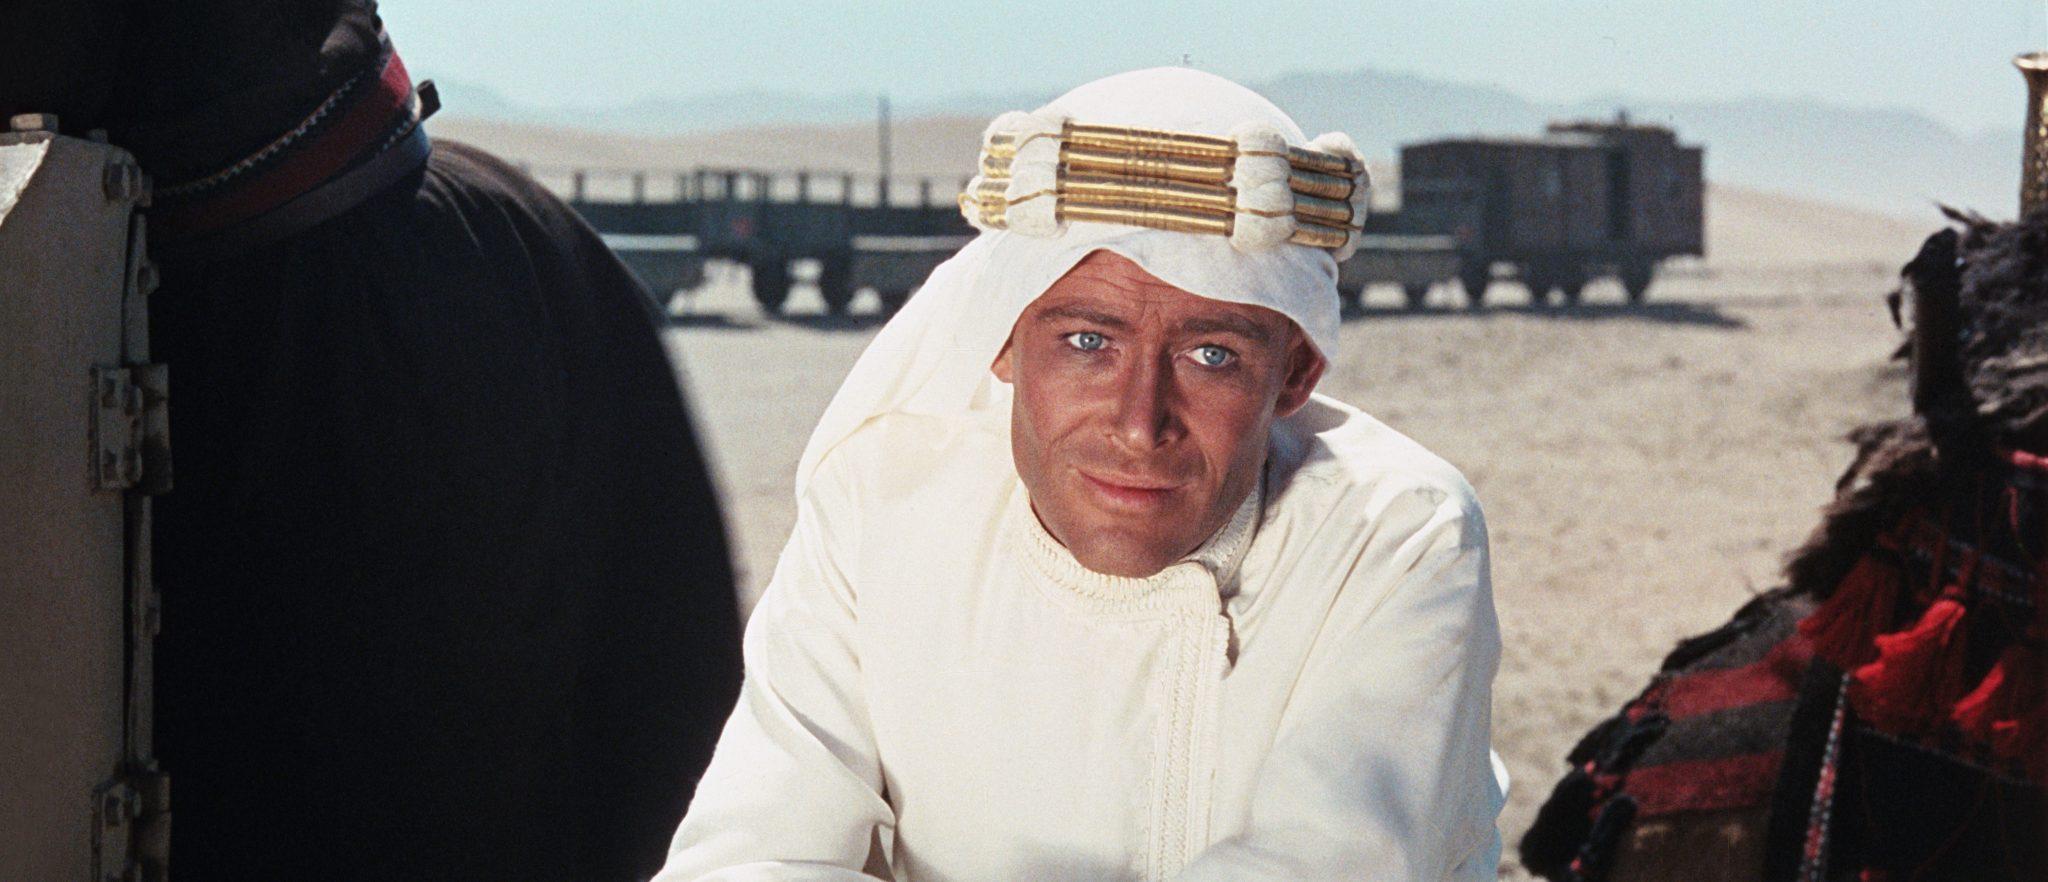 Lawrence von Arabien (Peter O'Toole) sitzt in einem edlen, weißen Beduinen-Gewand mitten in der Wüste und guckt verschmitzt. Im Hintergrund fährt ein Zug vorbei, die er mit den arabischen Stämmen regelmäßig überfällt.